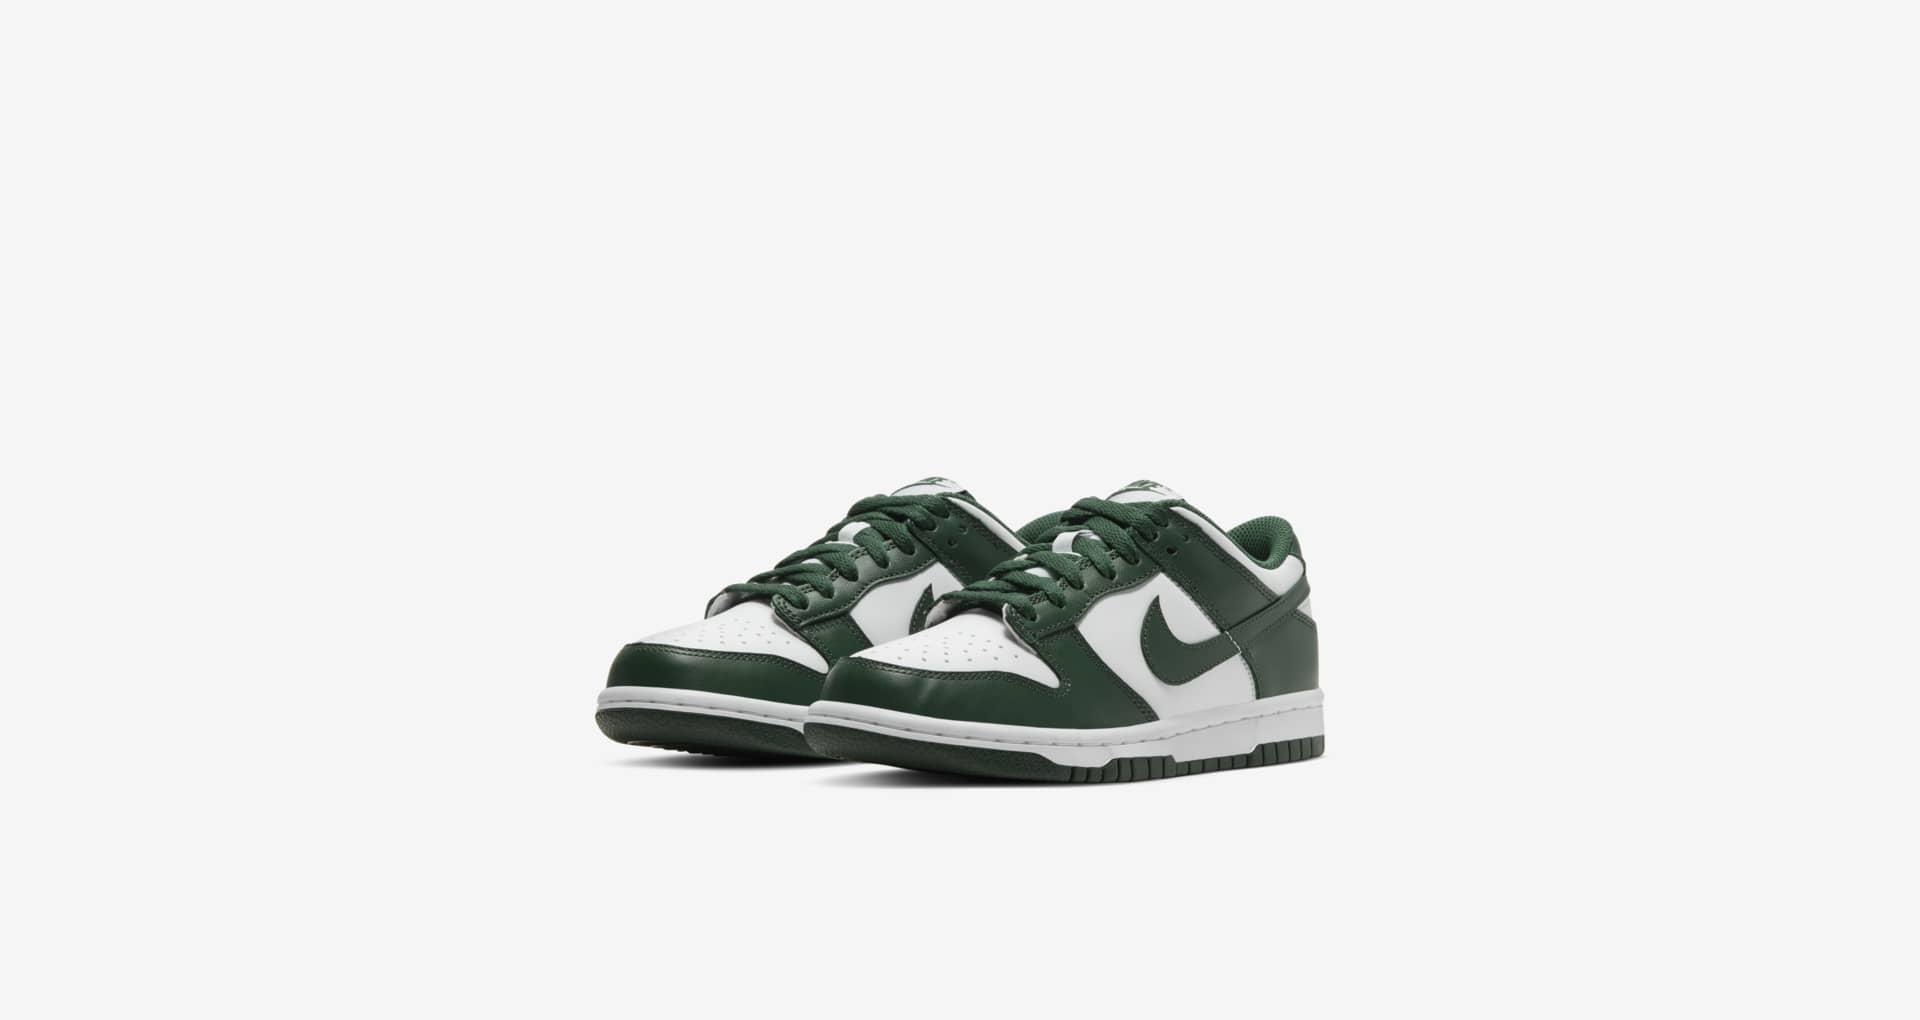 Nike,Dunk,Air Jordan 35 Low,发售  藤原浩最新联名来了!本周 8 双狠鞋登场!有一双国内罕见发售!